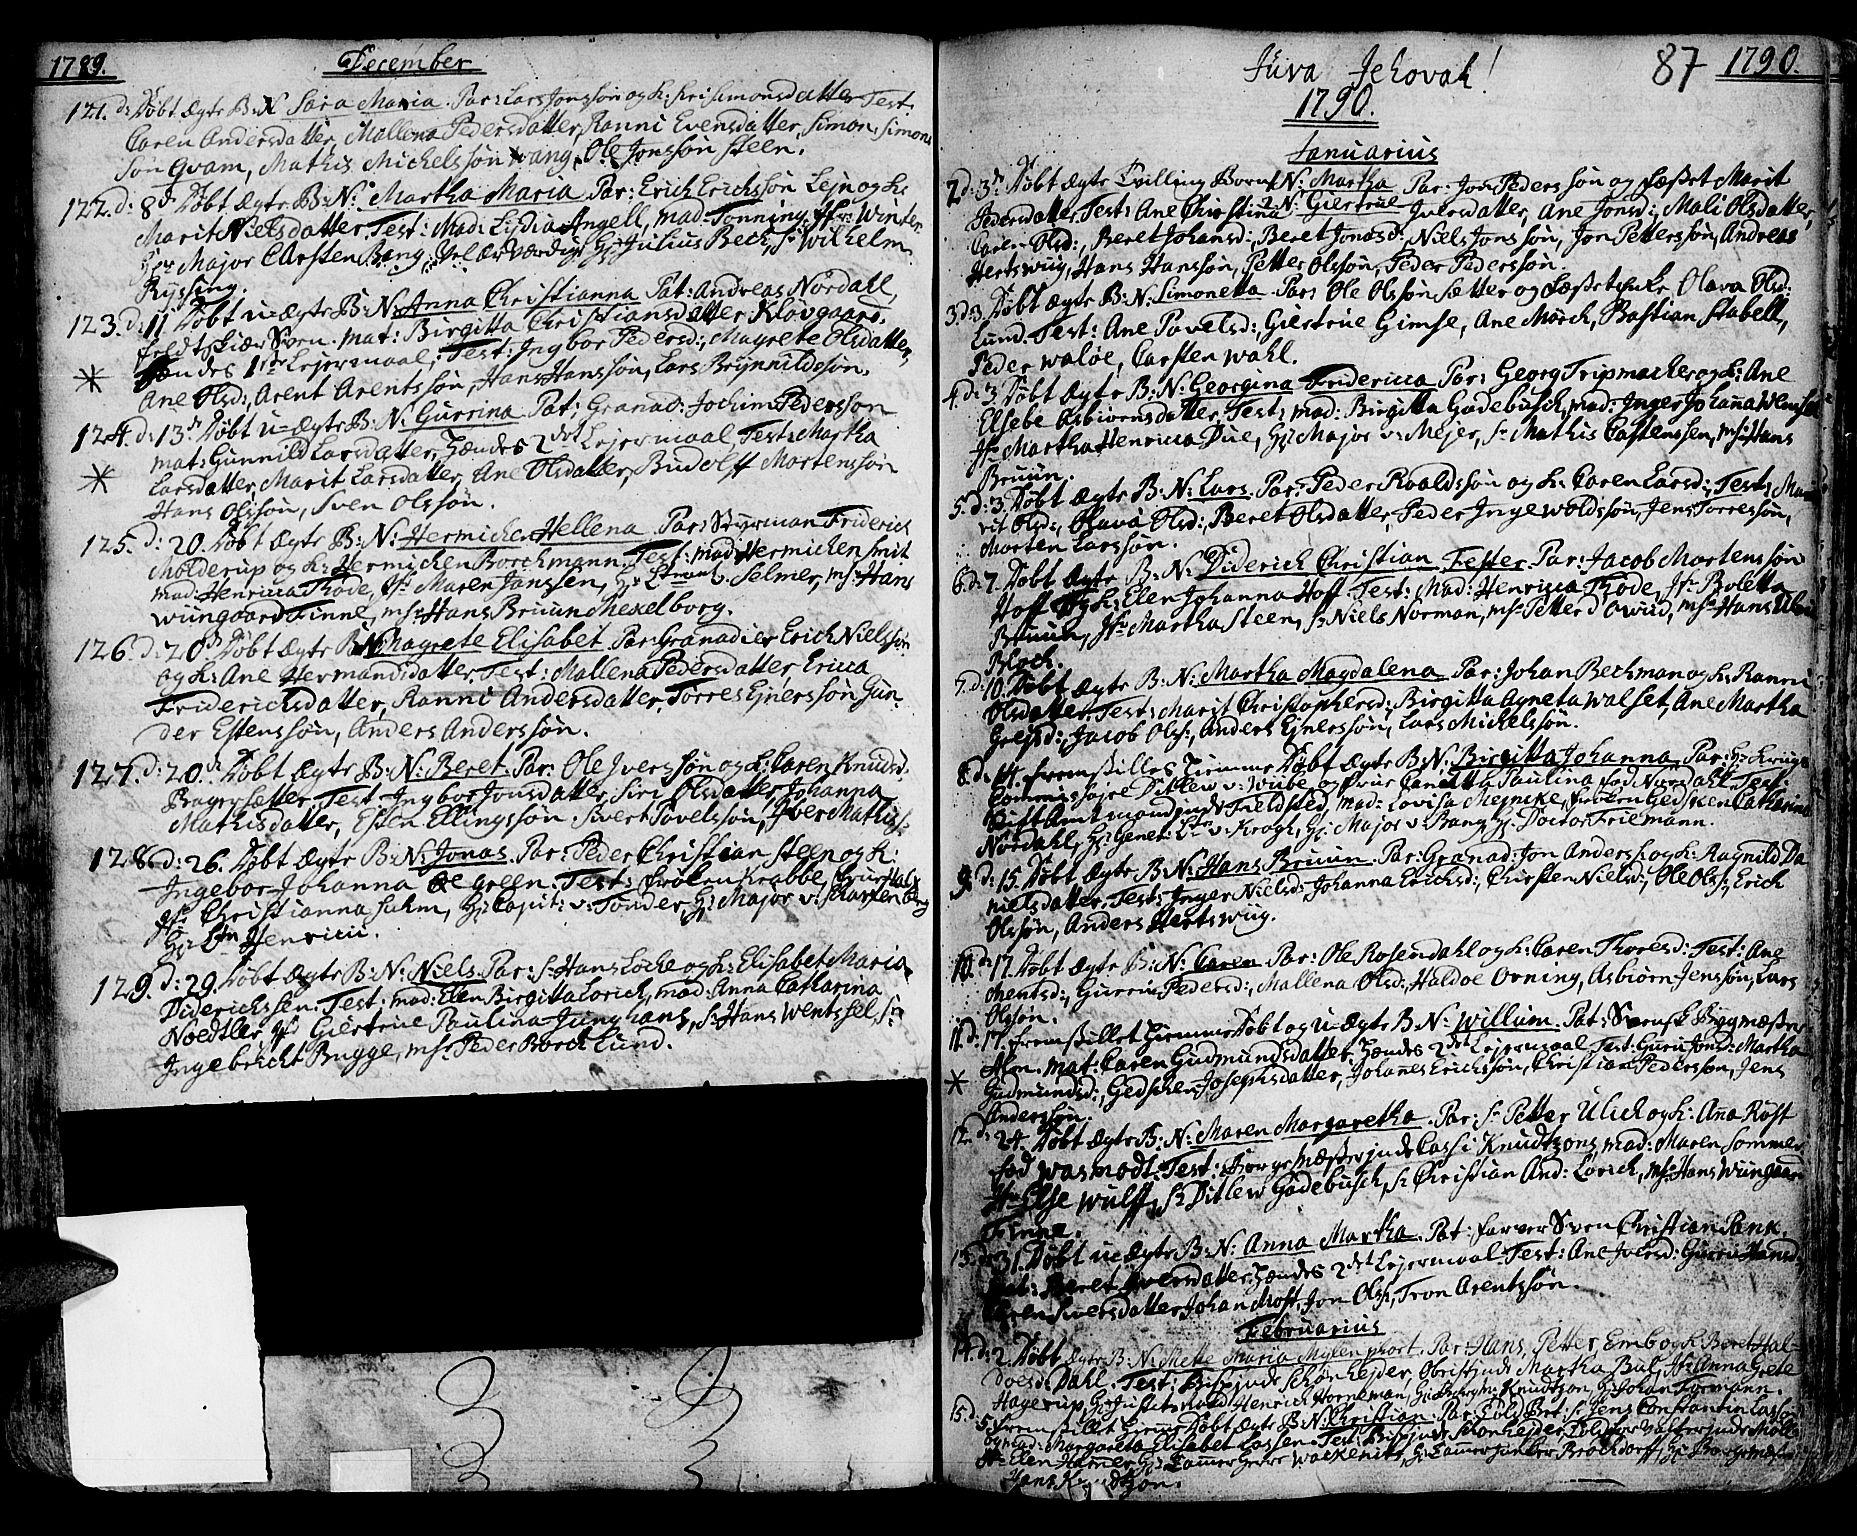 SAT, Ministerialprotokoller, klokkerbøker og fødselsregistre - Sør-Trøndelag, 601/L0039: Ministerialbok nr. 601A07, 1770-1819, s. 87